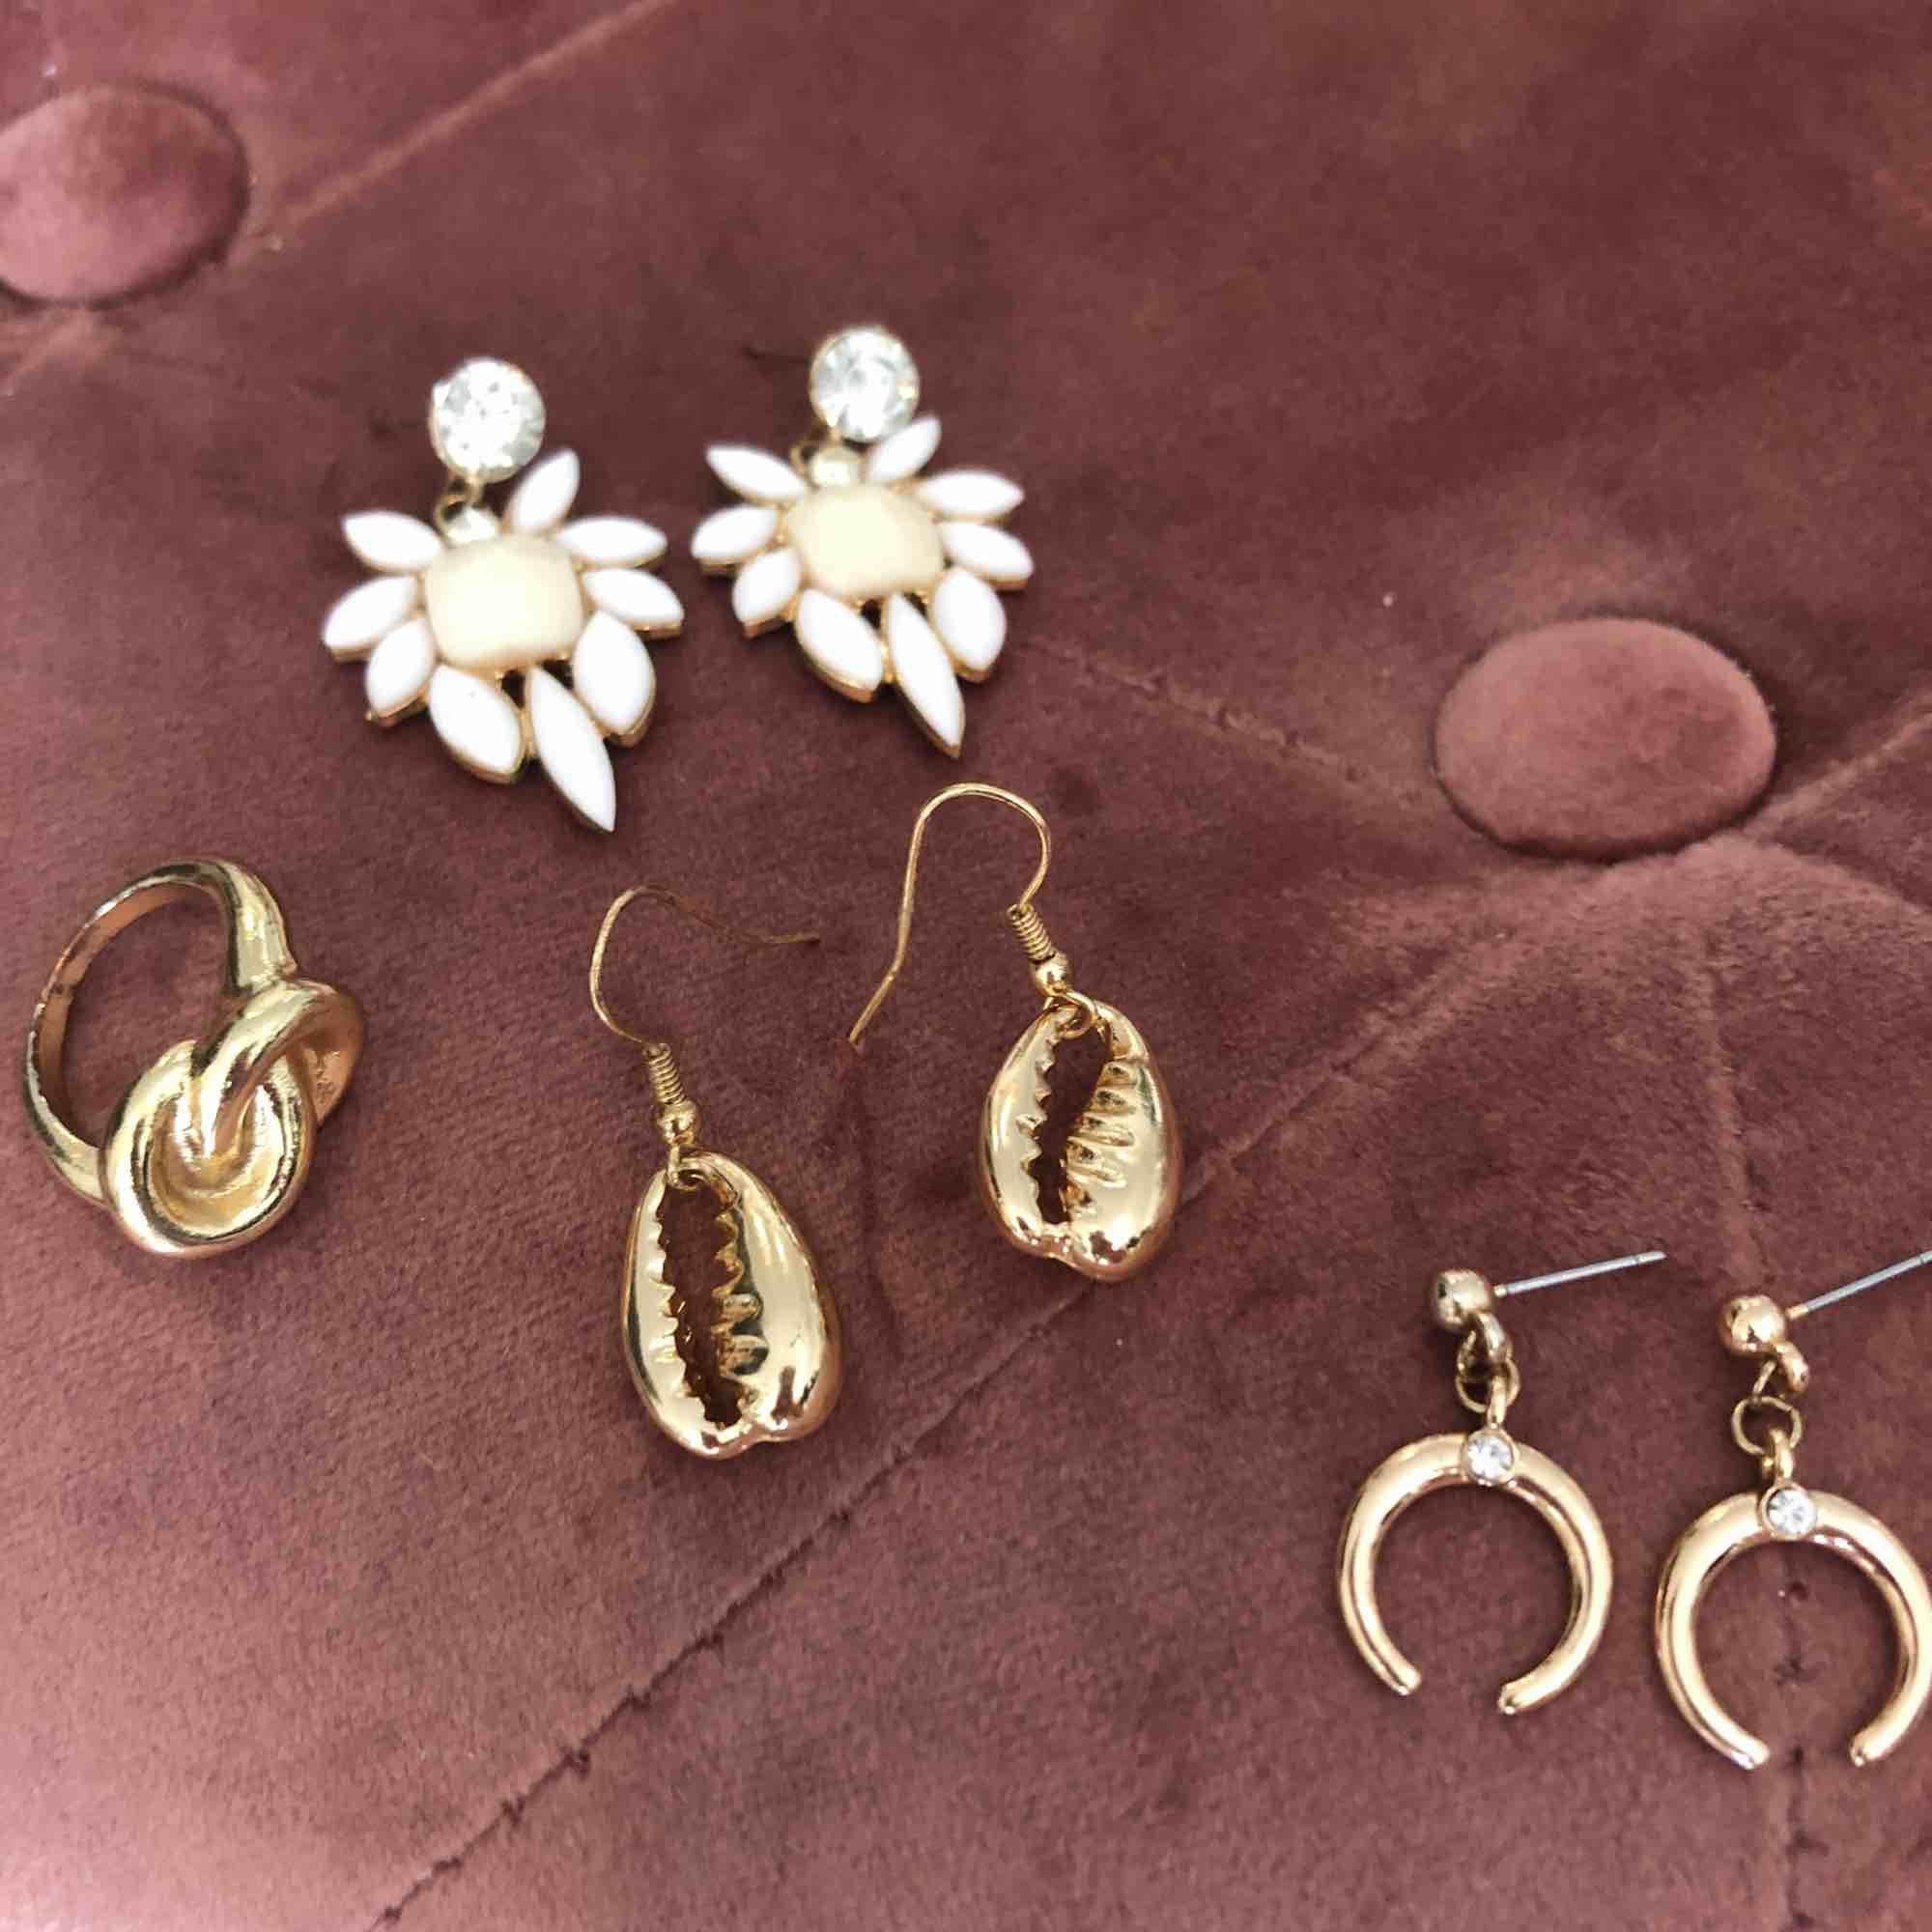 """Alla fri frakt! 🌹 Smycken i perfekt skick, vita örhängen: 40 kr, ring: 30 kr, snäckor: 35 kr, """"måne"""": 20 kr . Accessoarer."""